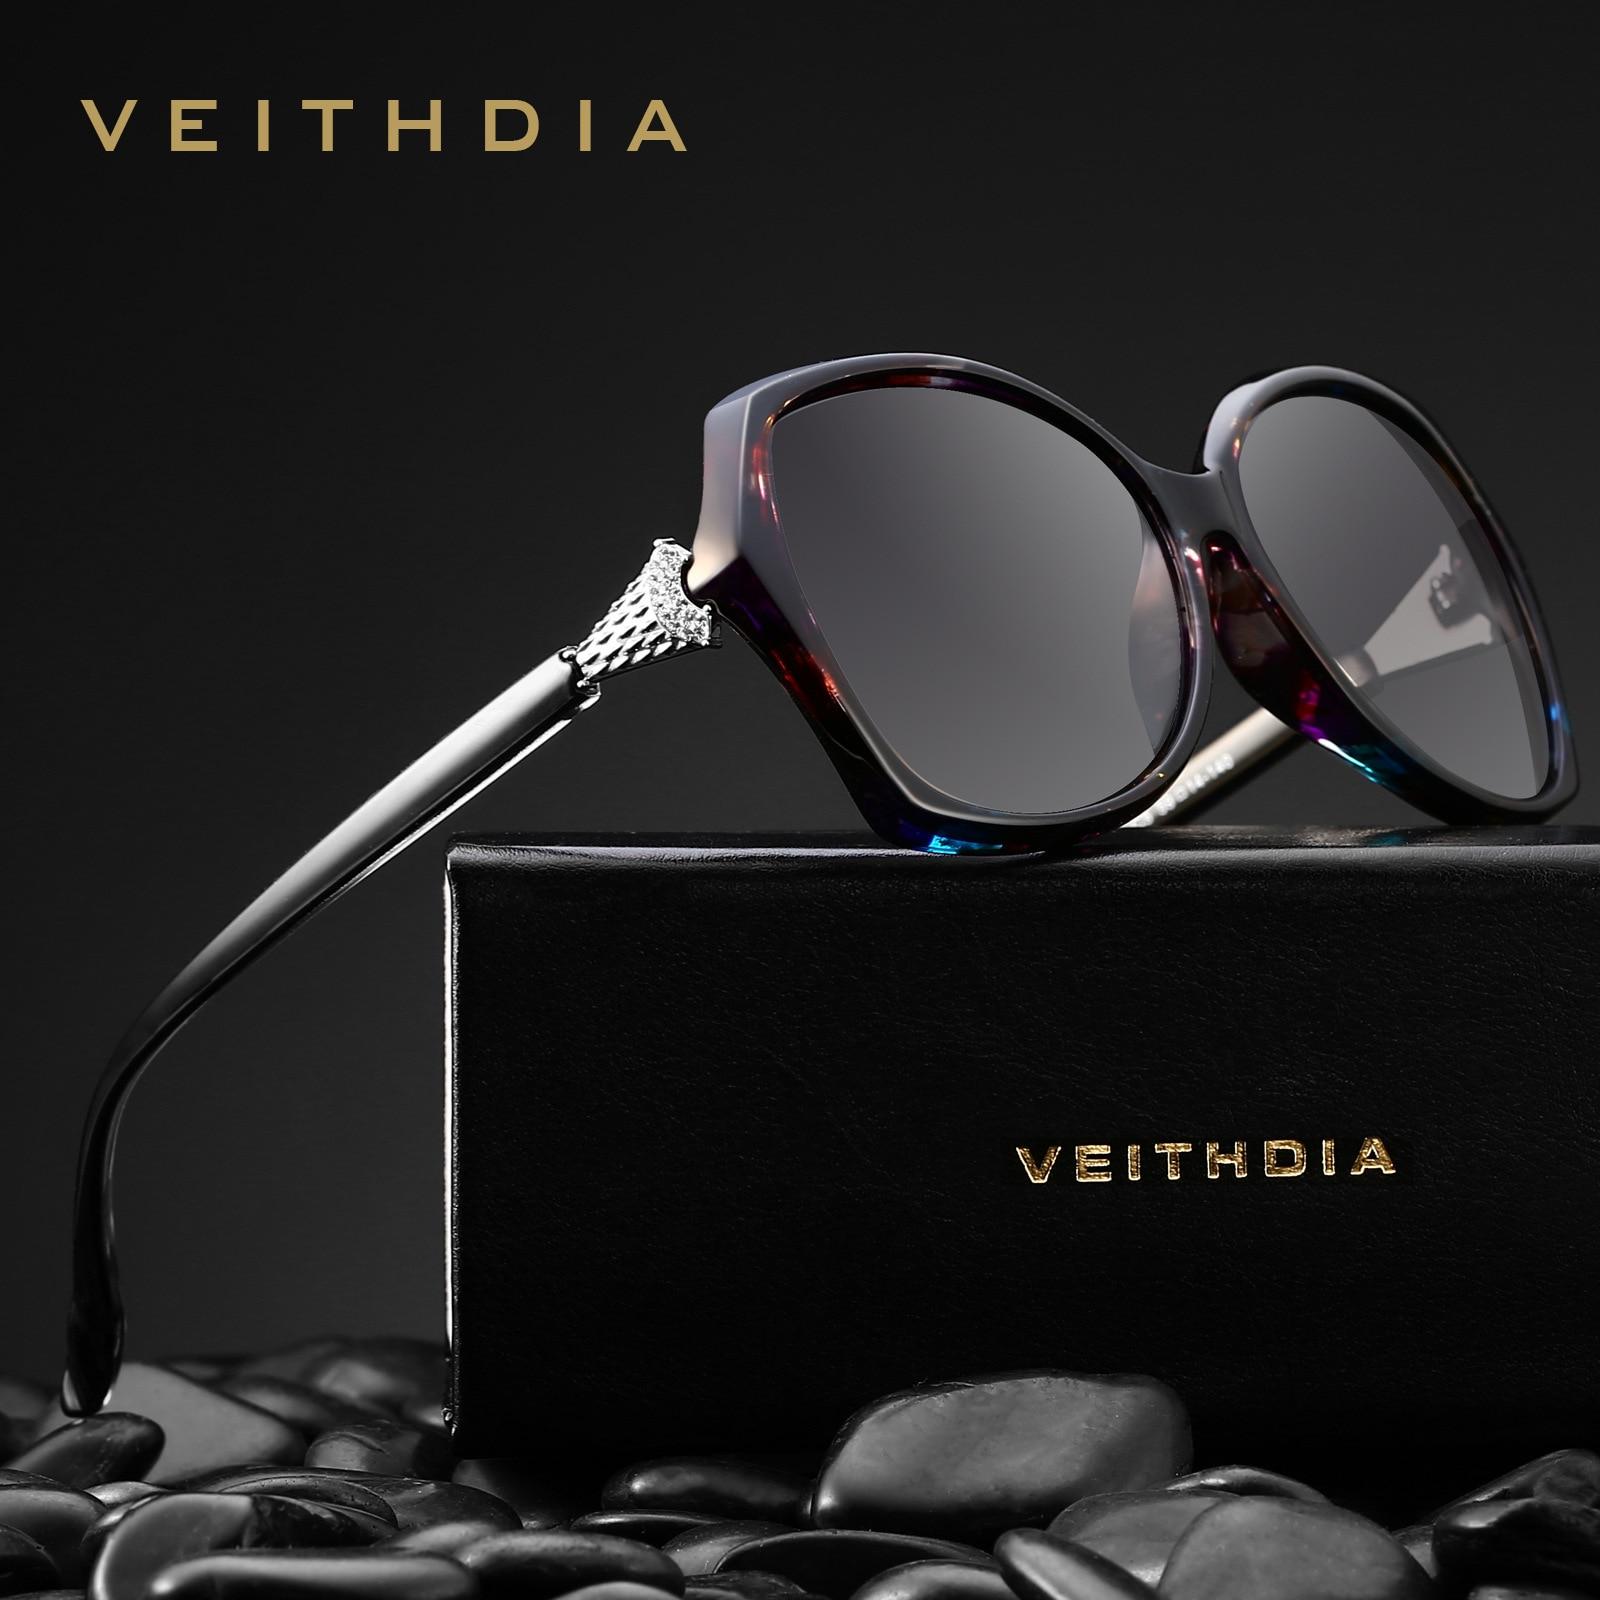 Uv400 Gray Modo Grandi Per Gray Gray Veithdia De tea Shades Dimensioni Di Oculos Donne Colorful Delle 2019 Occhiali Del Della black Da Sol Elegante Lusso Le Sole Diamante Volpe YfAfqB